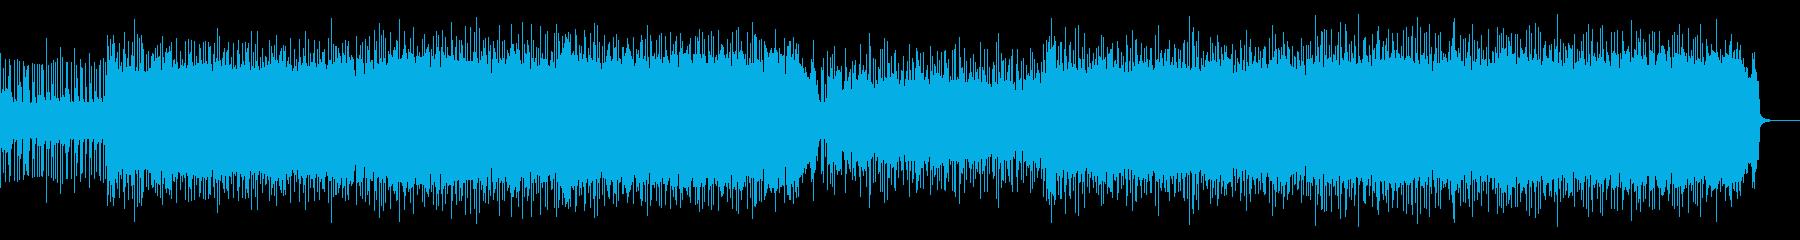 車レース映像、エキサイティングなロックAの再生済みの波形